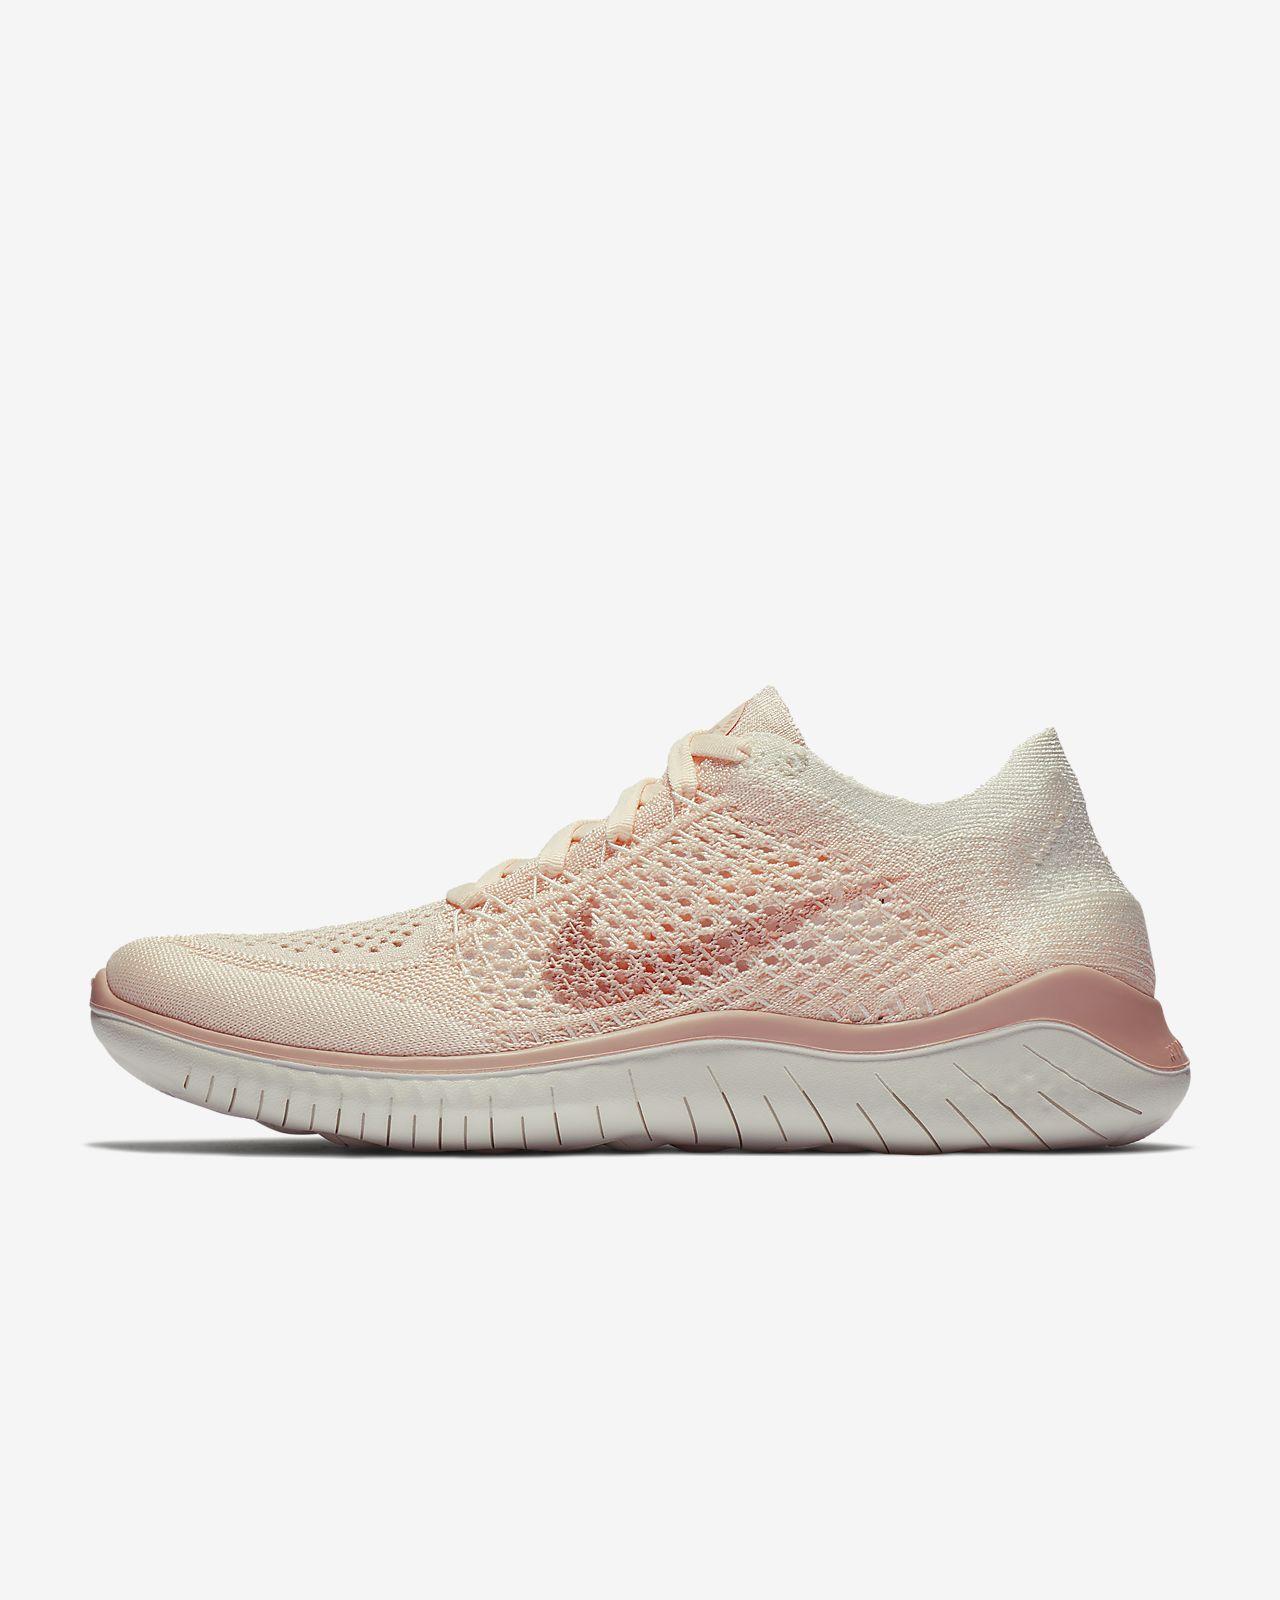 Women's Running Shoe. Nike Free RN Flyknit 2018